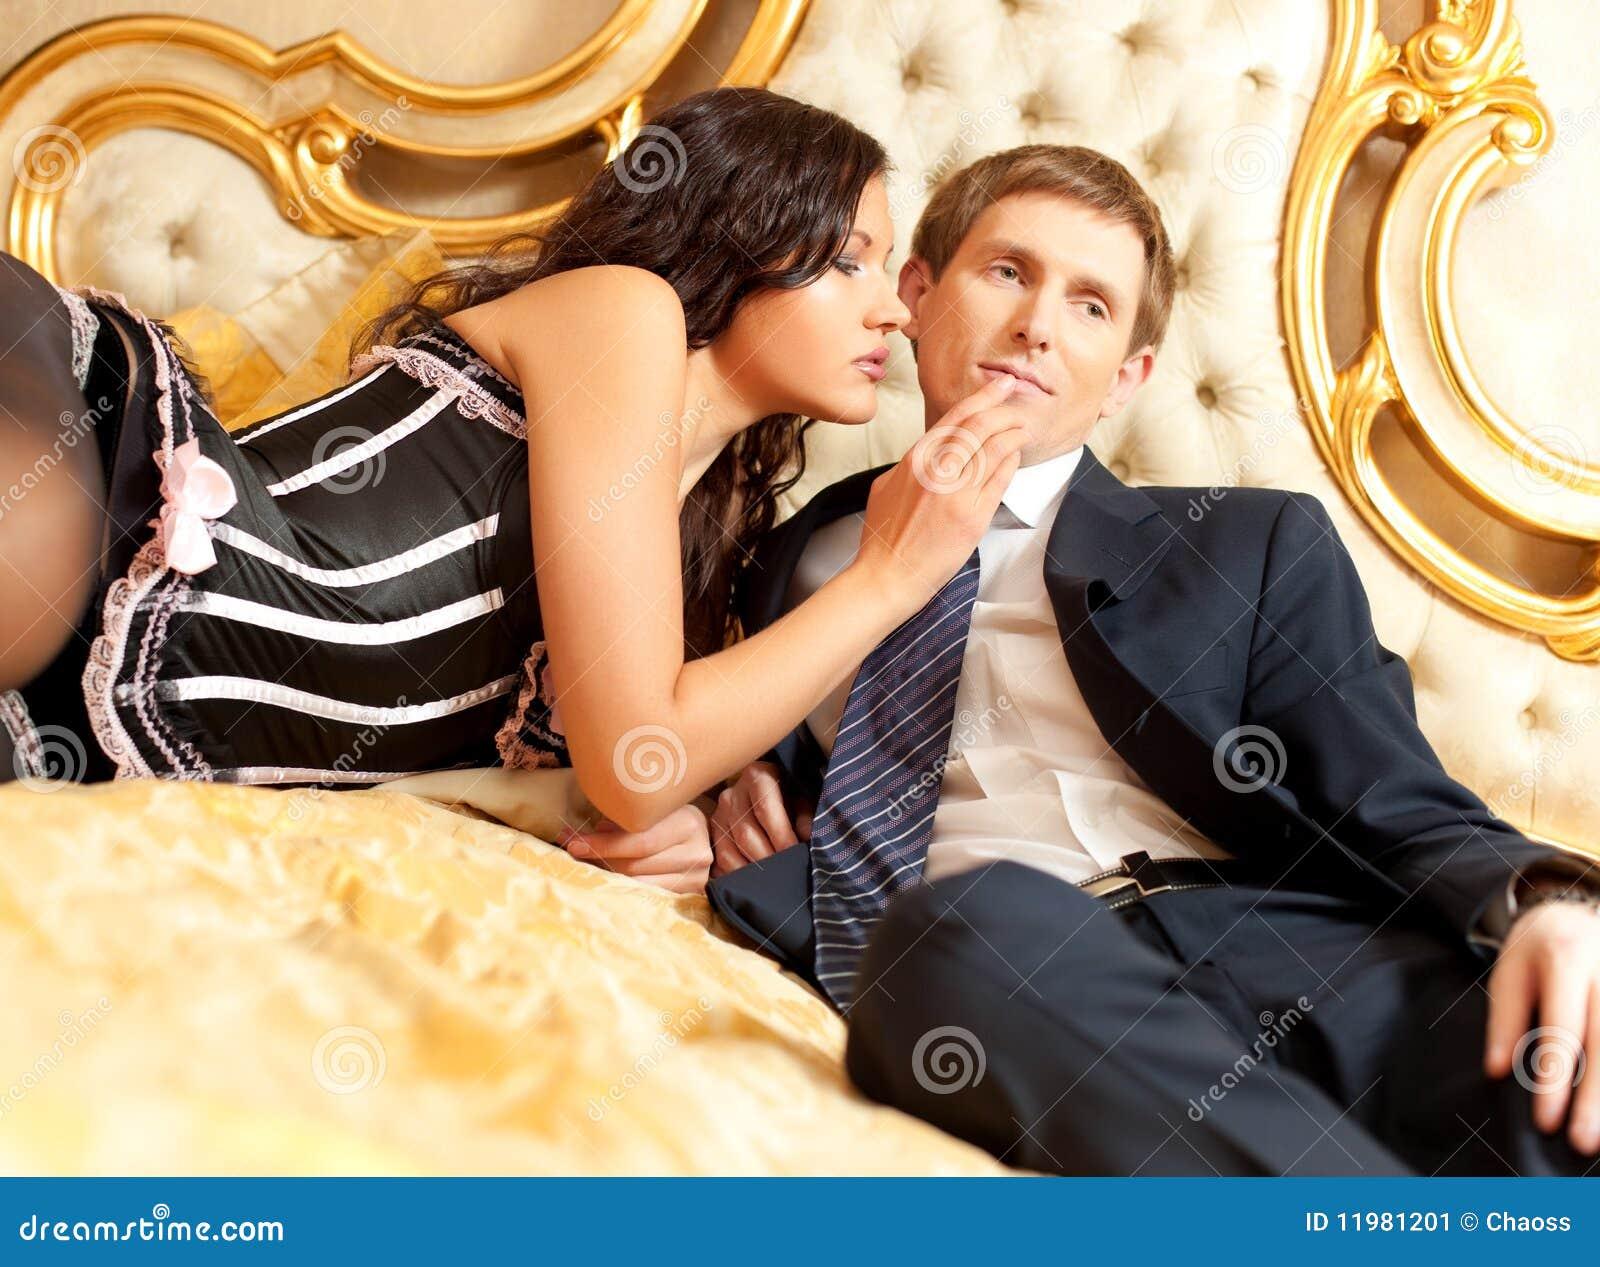 Соблазнила женатого парня 13 фотография